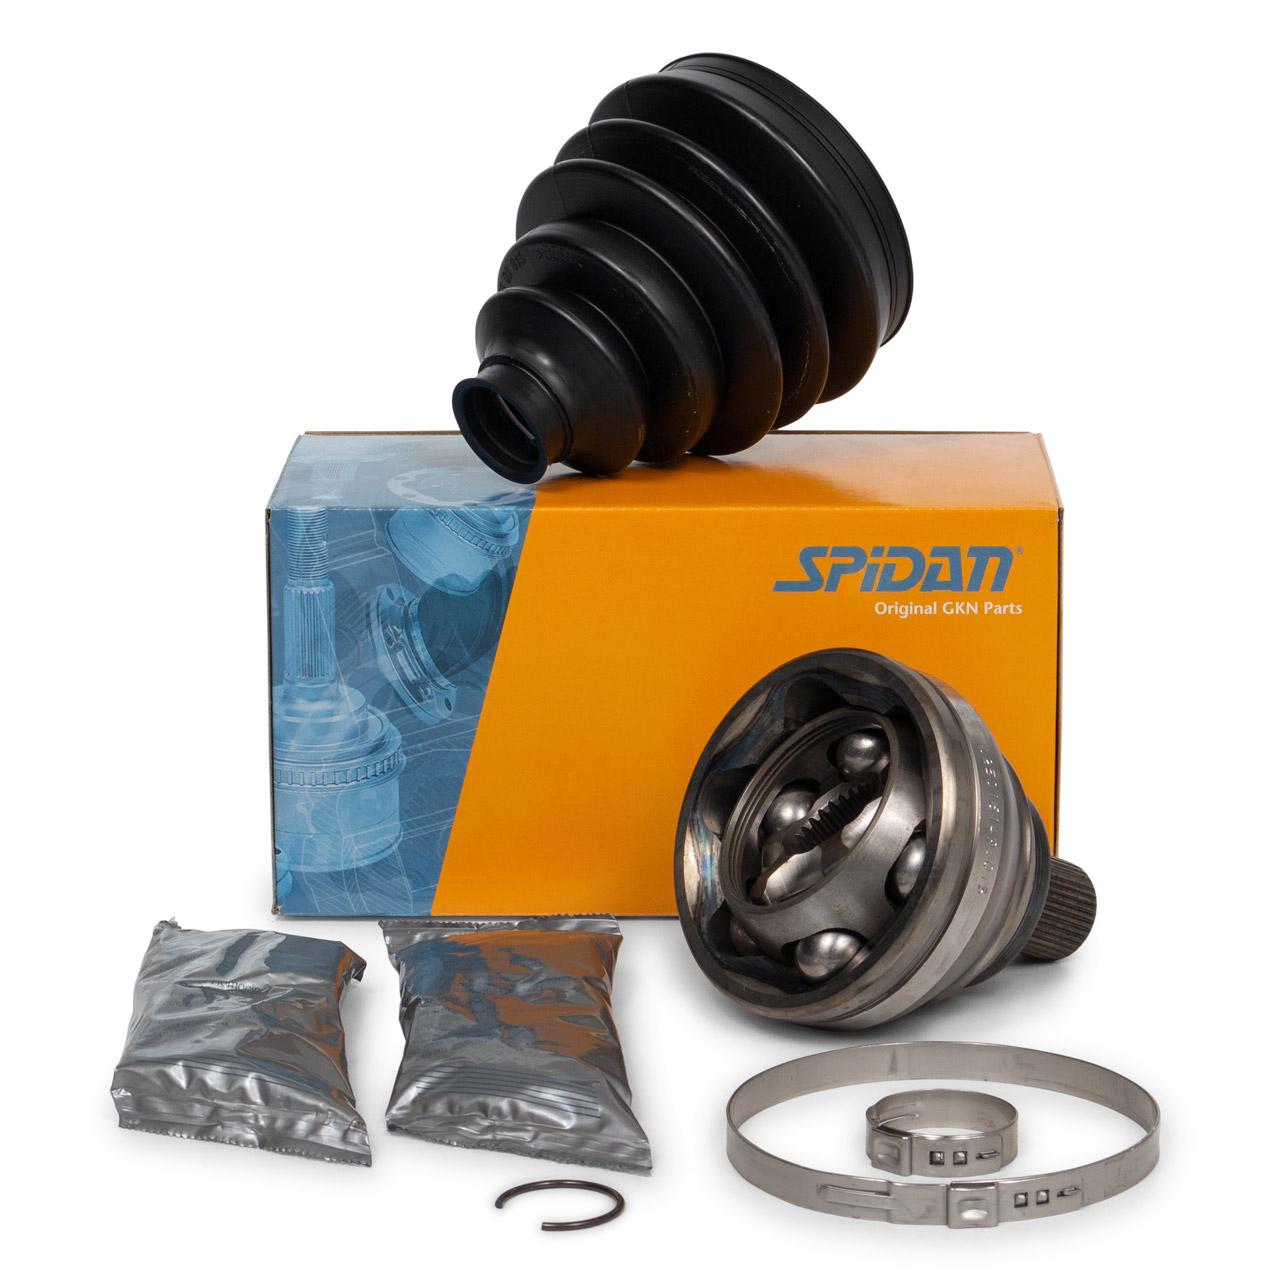 SPIDAN Antriebsgelenk Gelenksatz AUDI A3 Q3 VW Golf 5 6 Touran vorne radseitig 5N0498099D